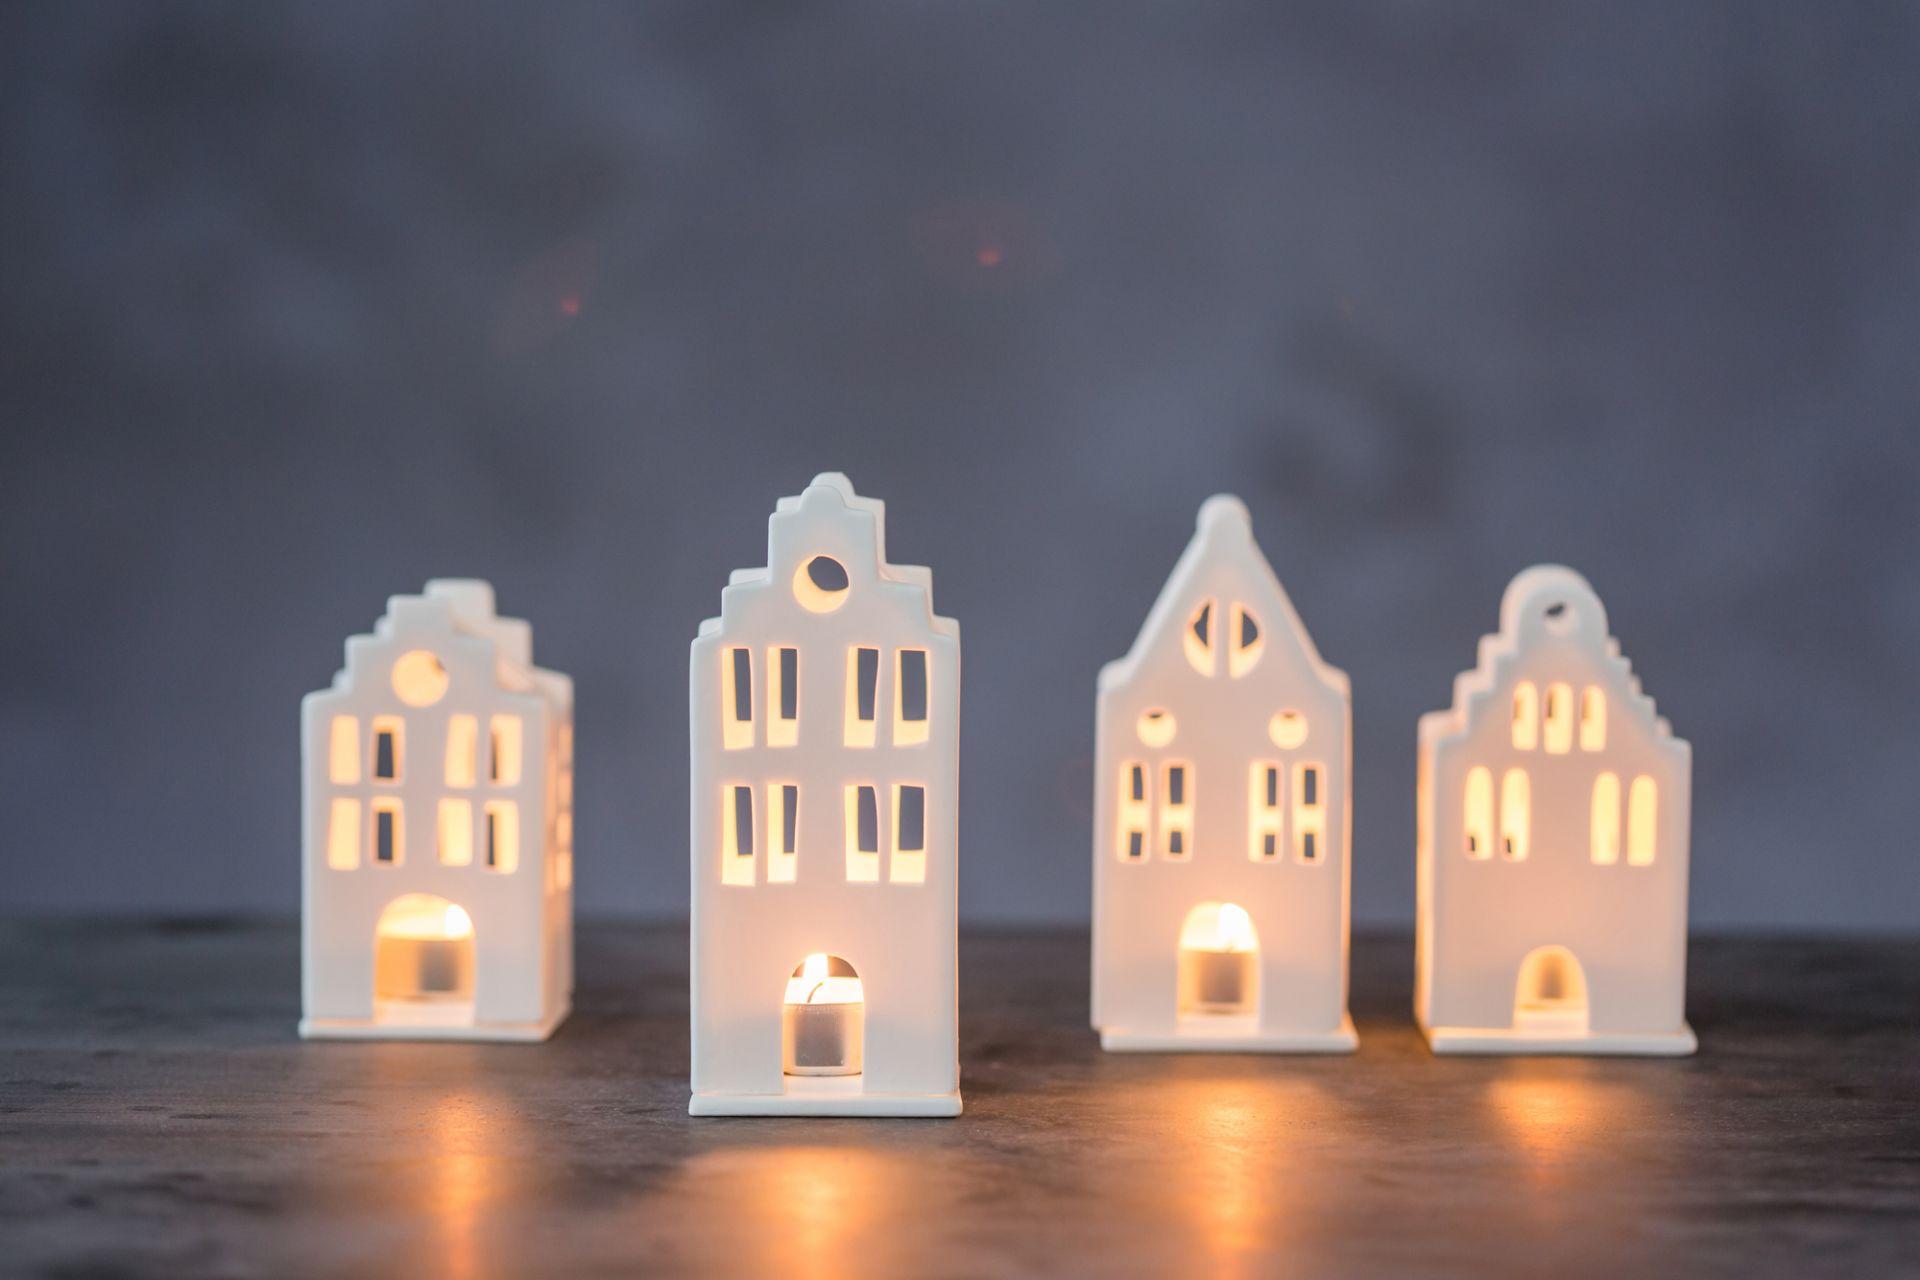 Zuhause Mini Lichthaus Stadthaus Räder